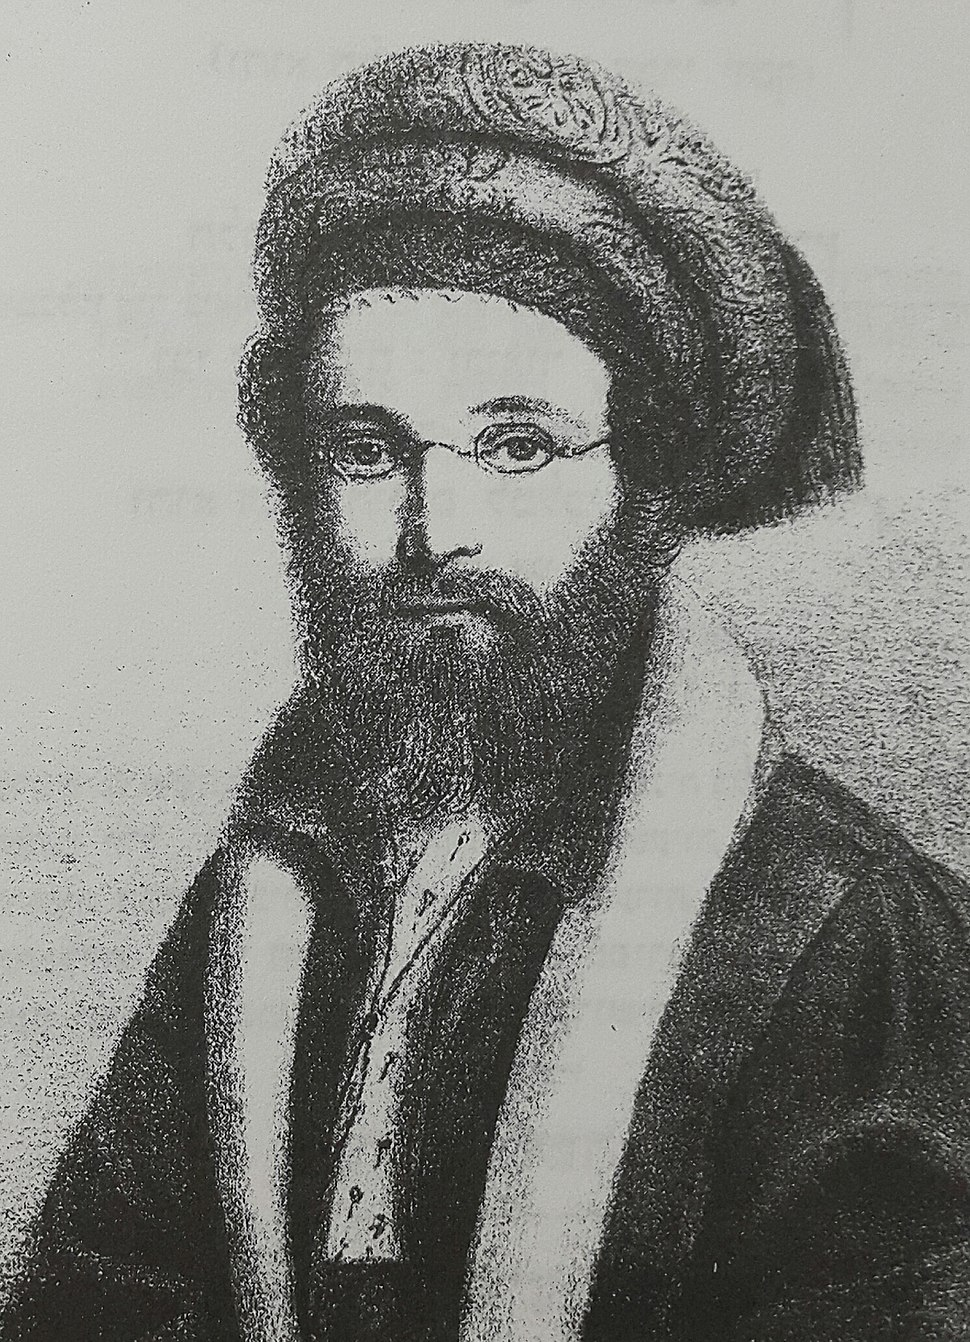 Yosef Schwartz